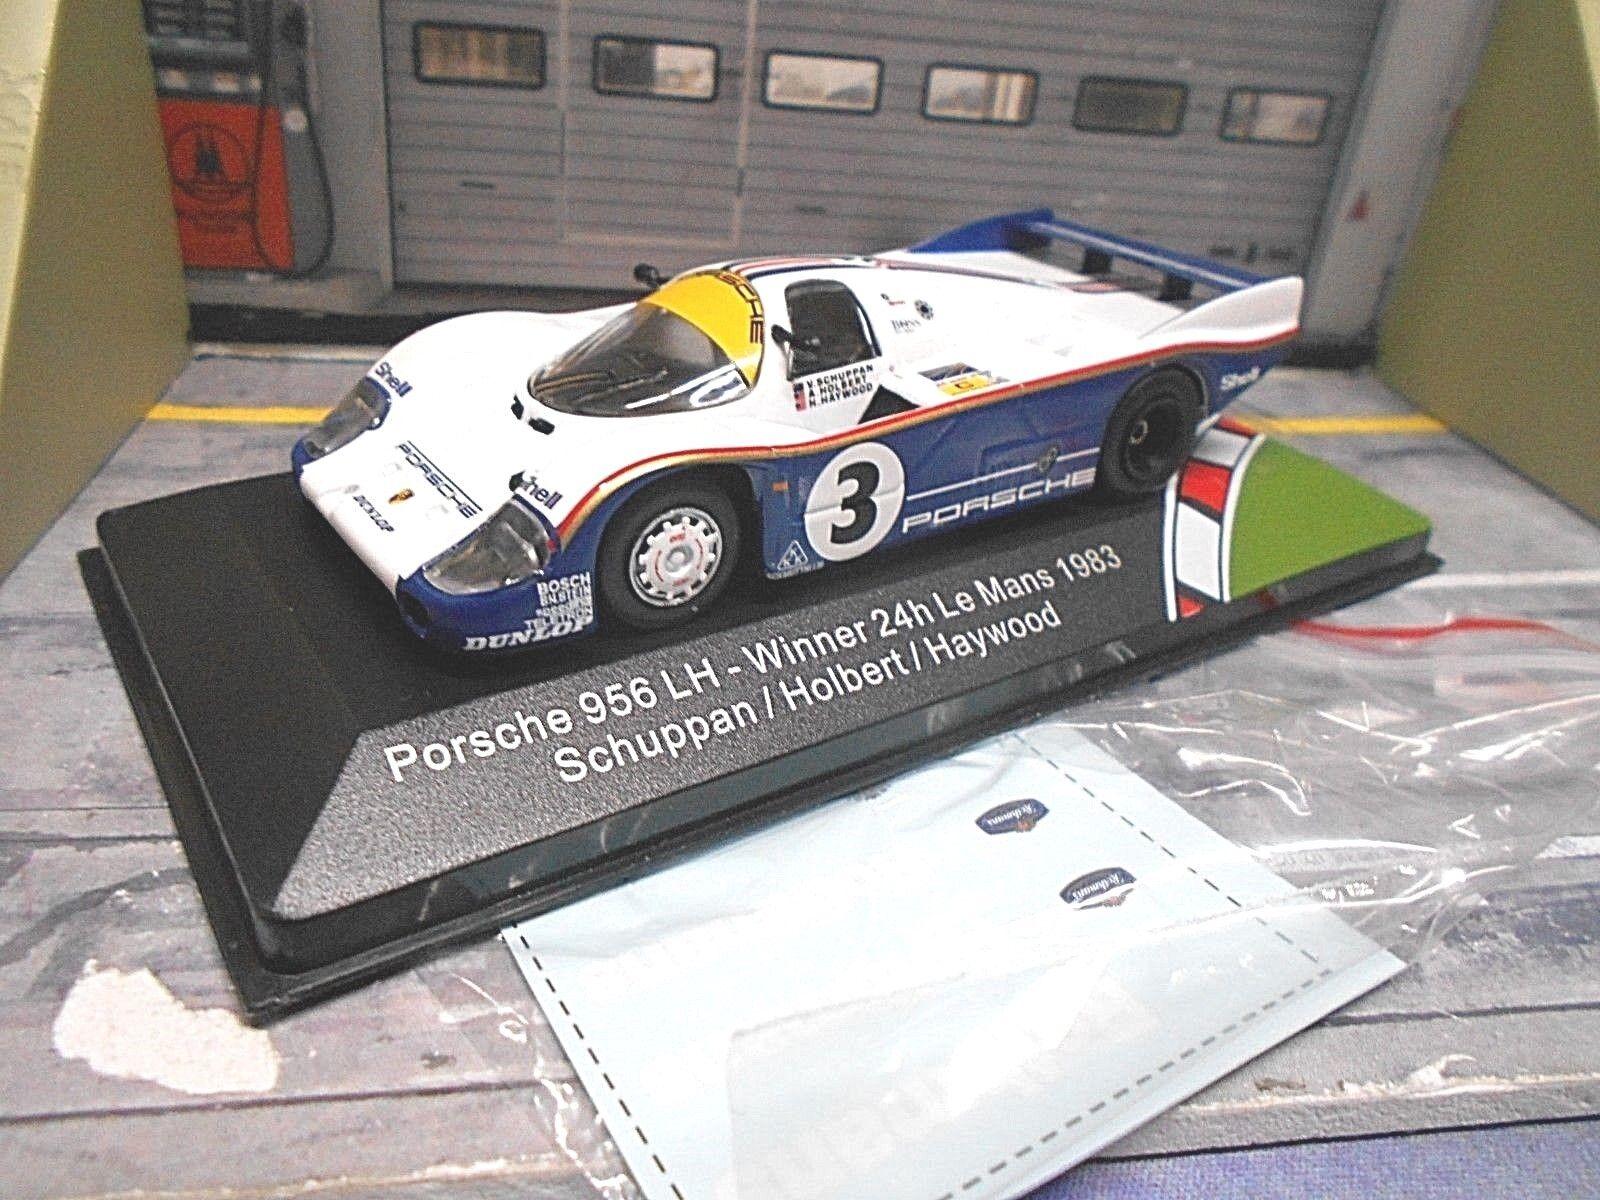 PORSCHE 956C 956 C Le Mans 1983 Winner Holbert Haywood Sch redhman IXO 1 43